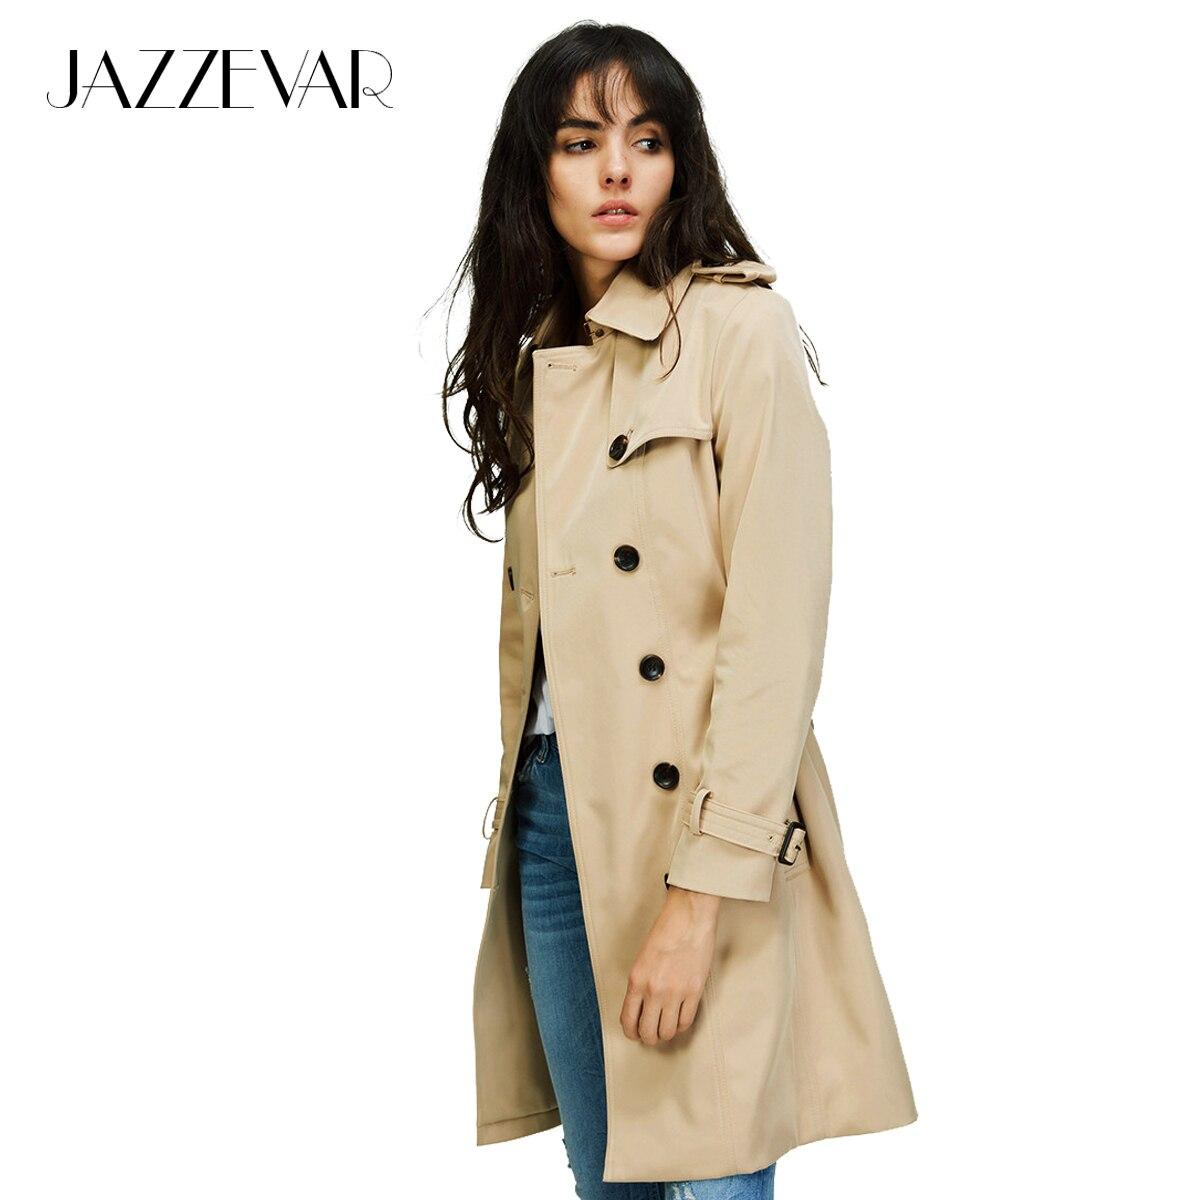 JAZZEVAR 2019 automne nouvelle marque de haute couture femme classique Double boutonnage Trench manteau imperméable imperméable affaires vêtements d'extérieur